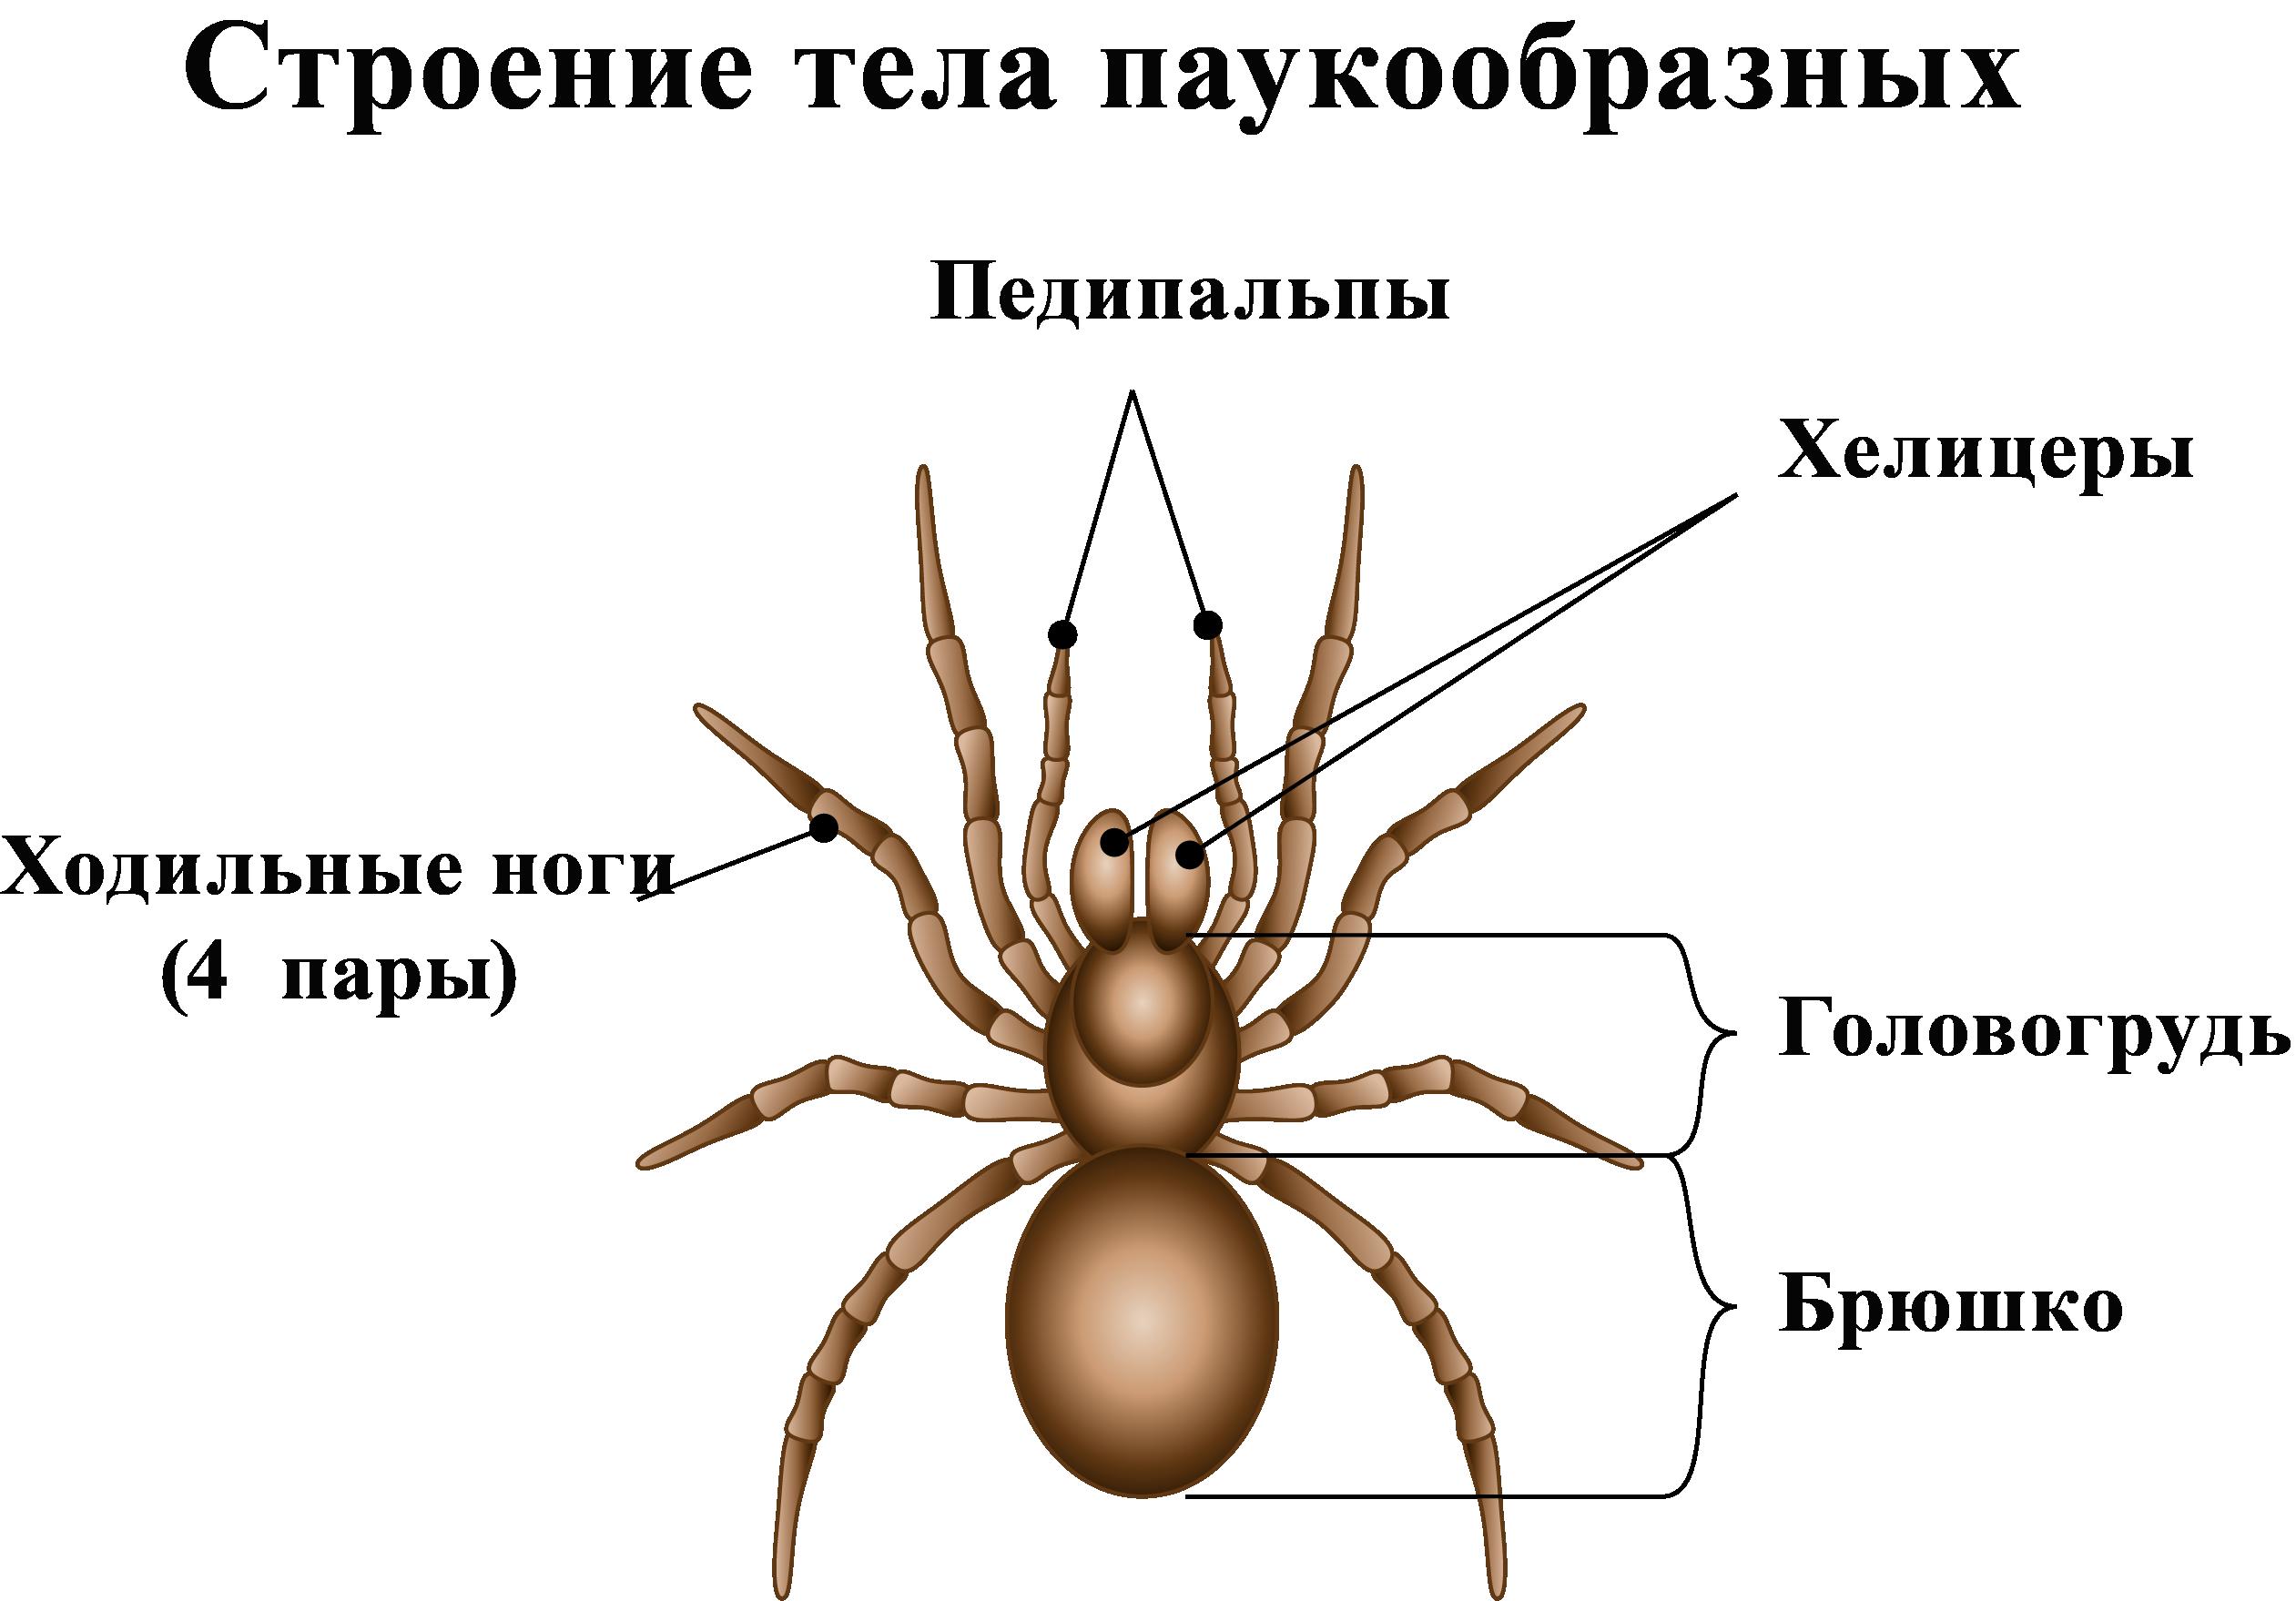 Строение тела паукообразных